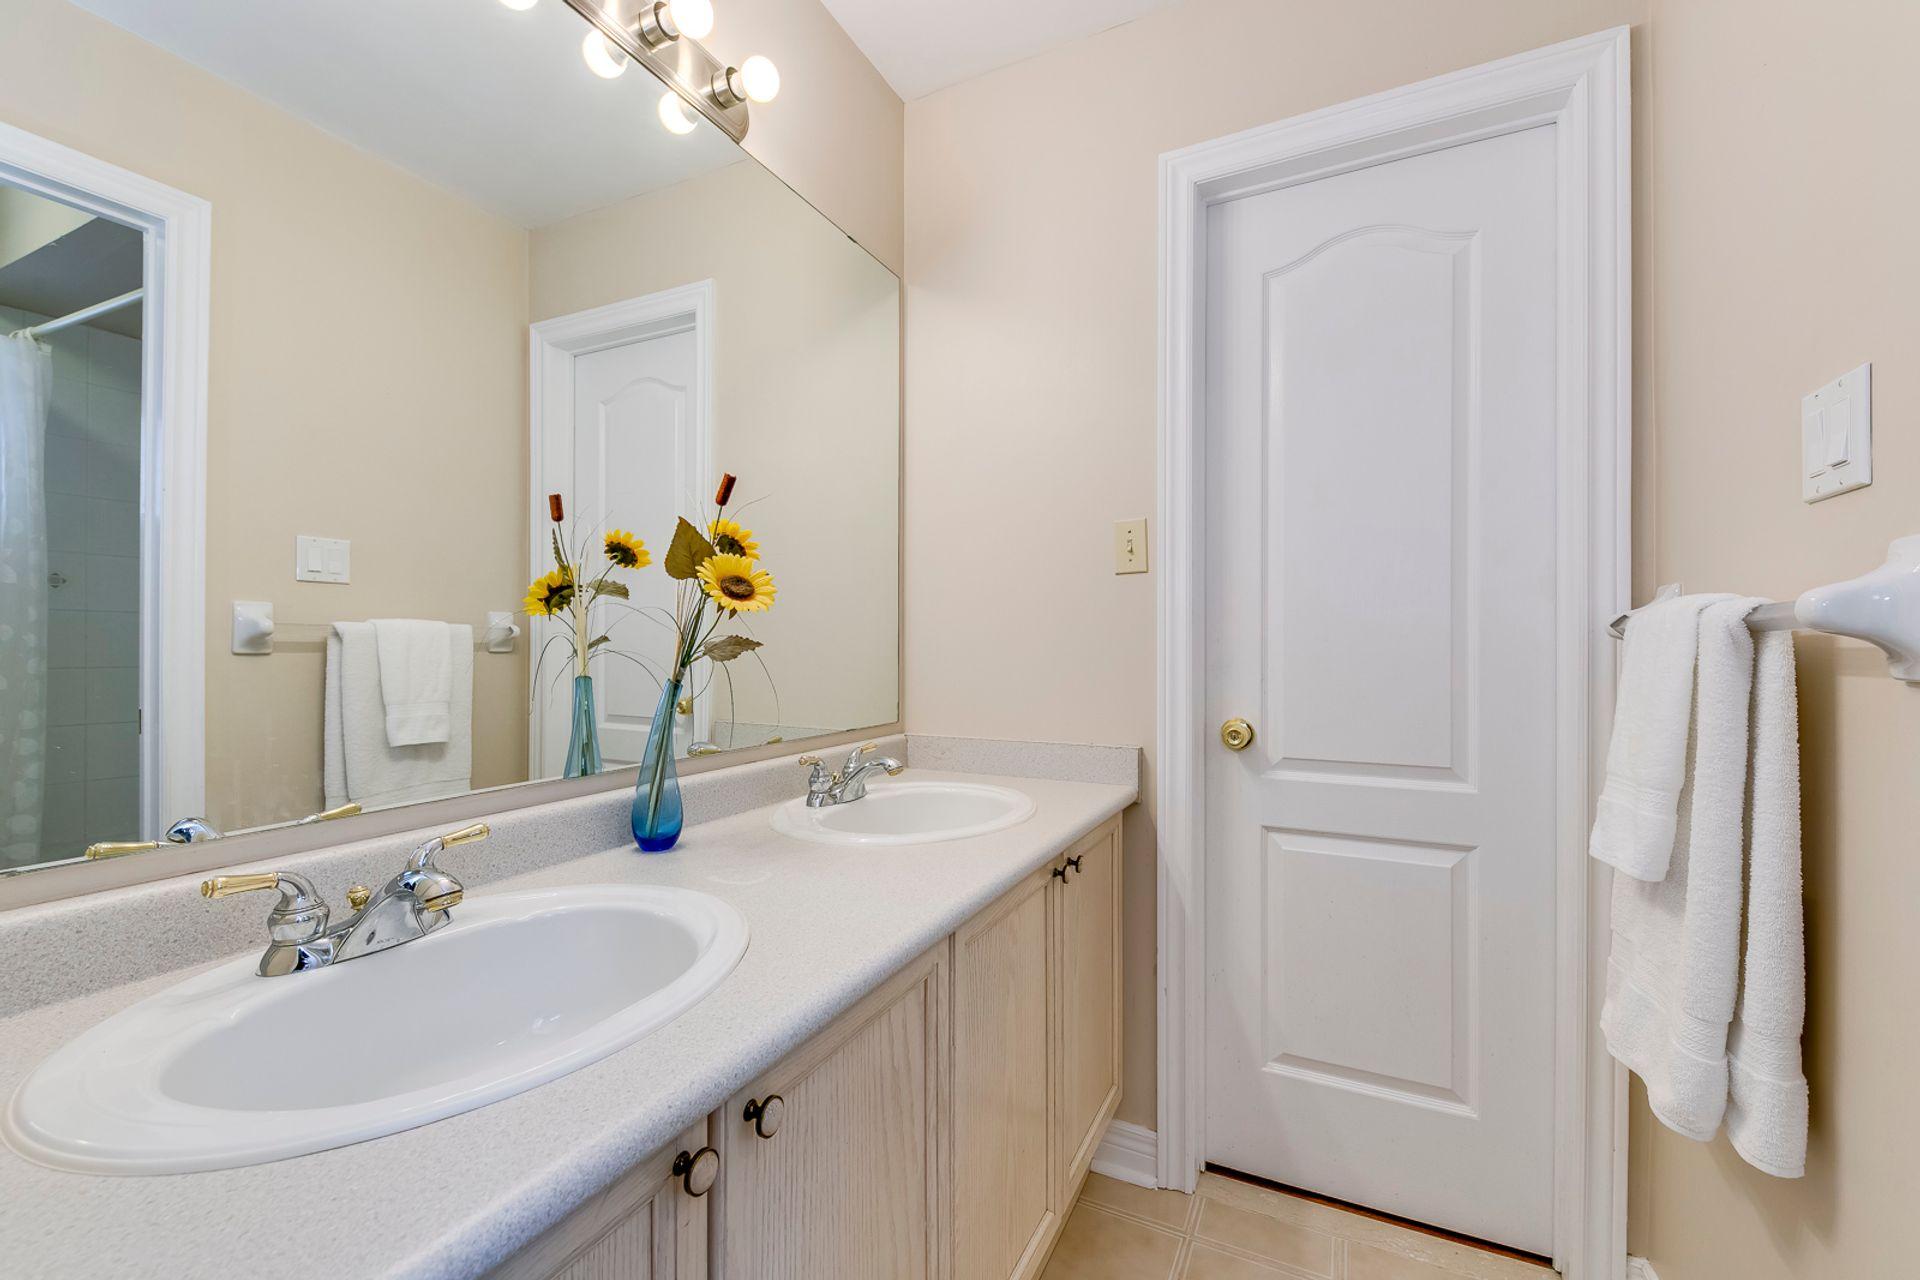 Jack & Jill Bathroom - 5156 Heatherleigh Ave, Mississauga - Elite3 & Team at 5156 Heatherleigh Avenue, East Credit, Mississauga